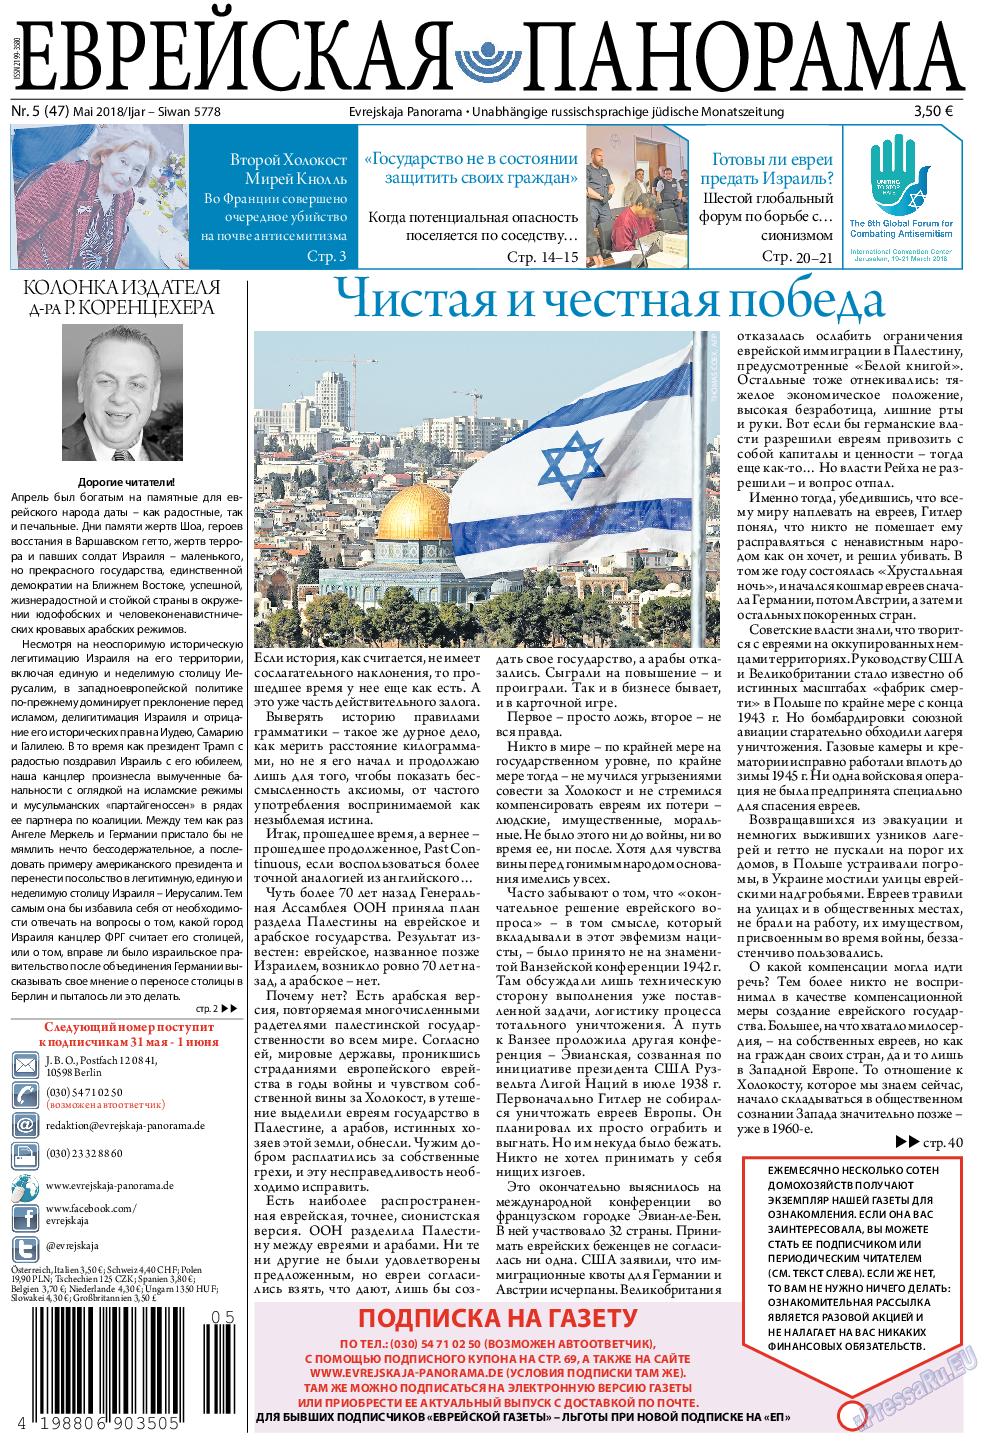 Еврейская панорама (газета). 2018 год, номер 5, стр. 1